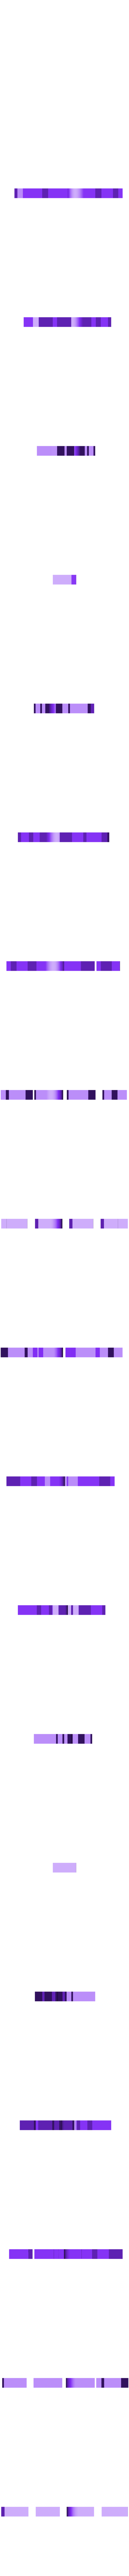 texte_tech.STL Download free STL file Direct Drive- E3DV6- Bondtech (right)-Bltouch • 3D printer template, kim_razor